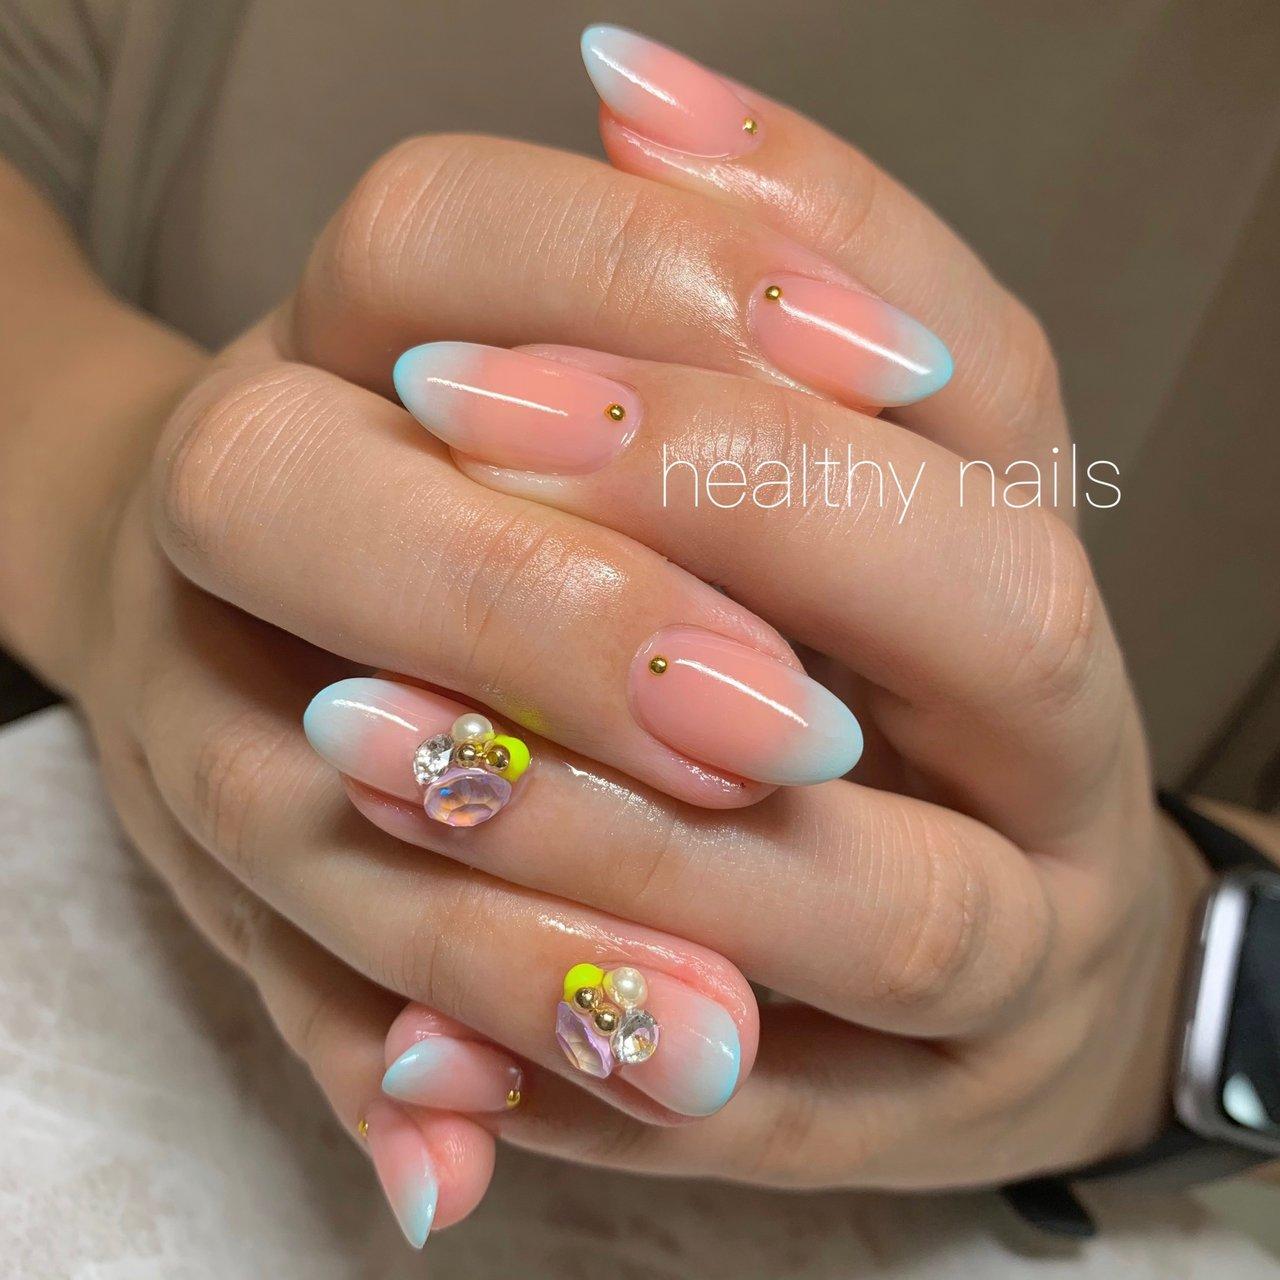 #春 #夏 #オールシーズン #リゾート #ハンド #healthy nails #ネイルブック